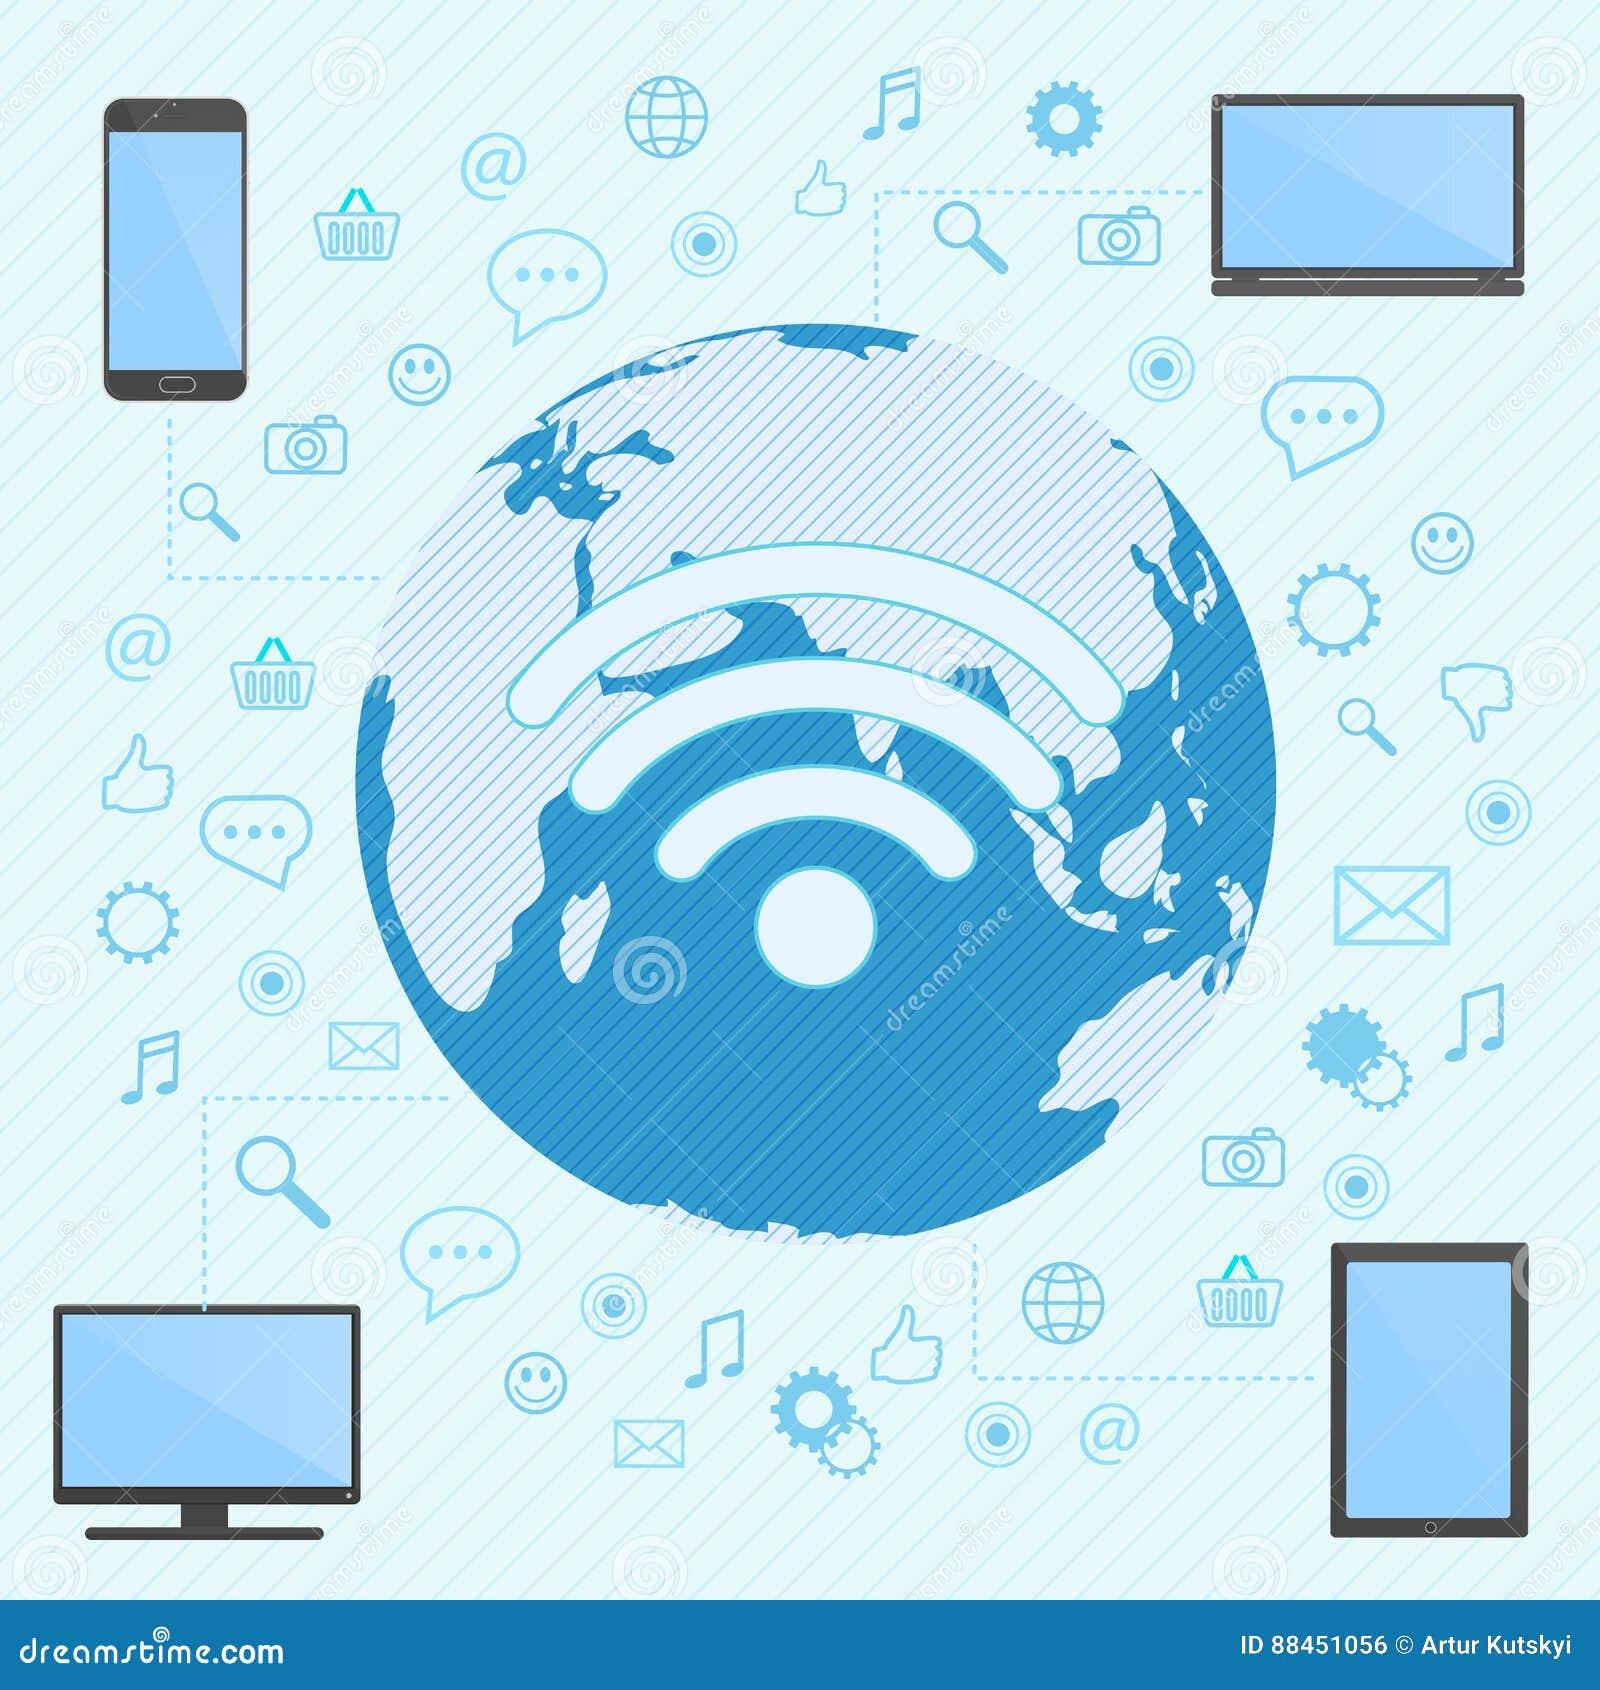 Der Computer, der Smartphone, der Laptop und die Tablette schlossen in wifi Netz an die Weltkarte auf dem Hintergrund an